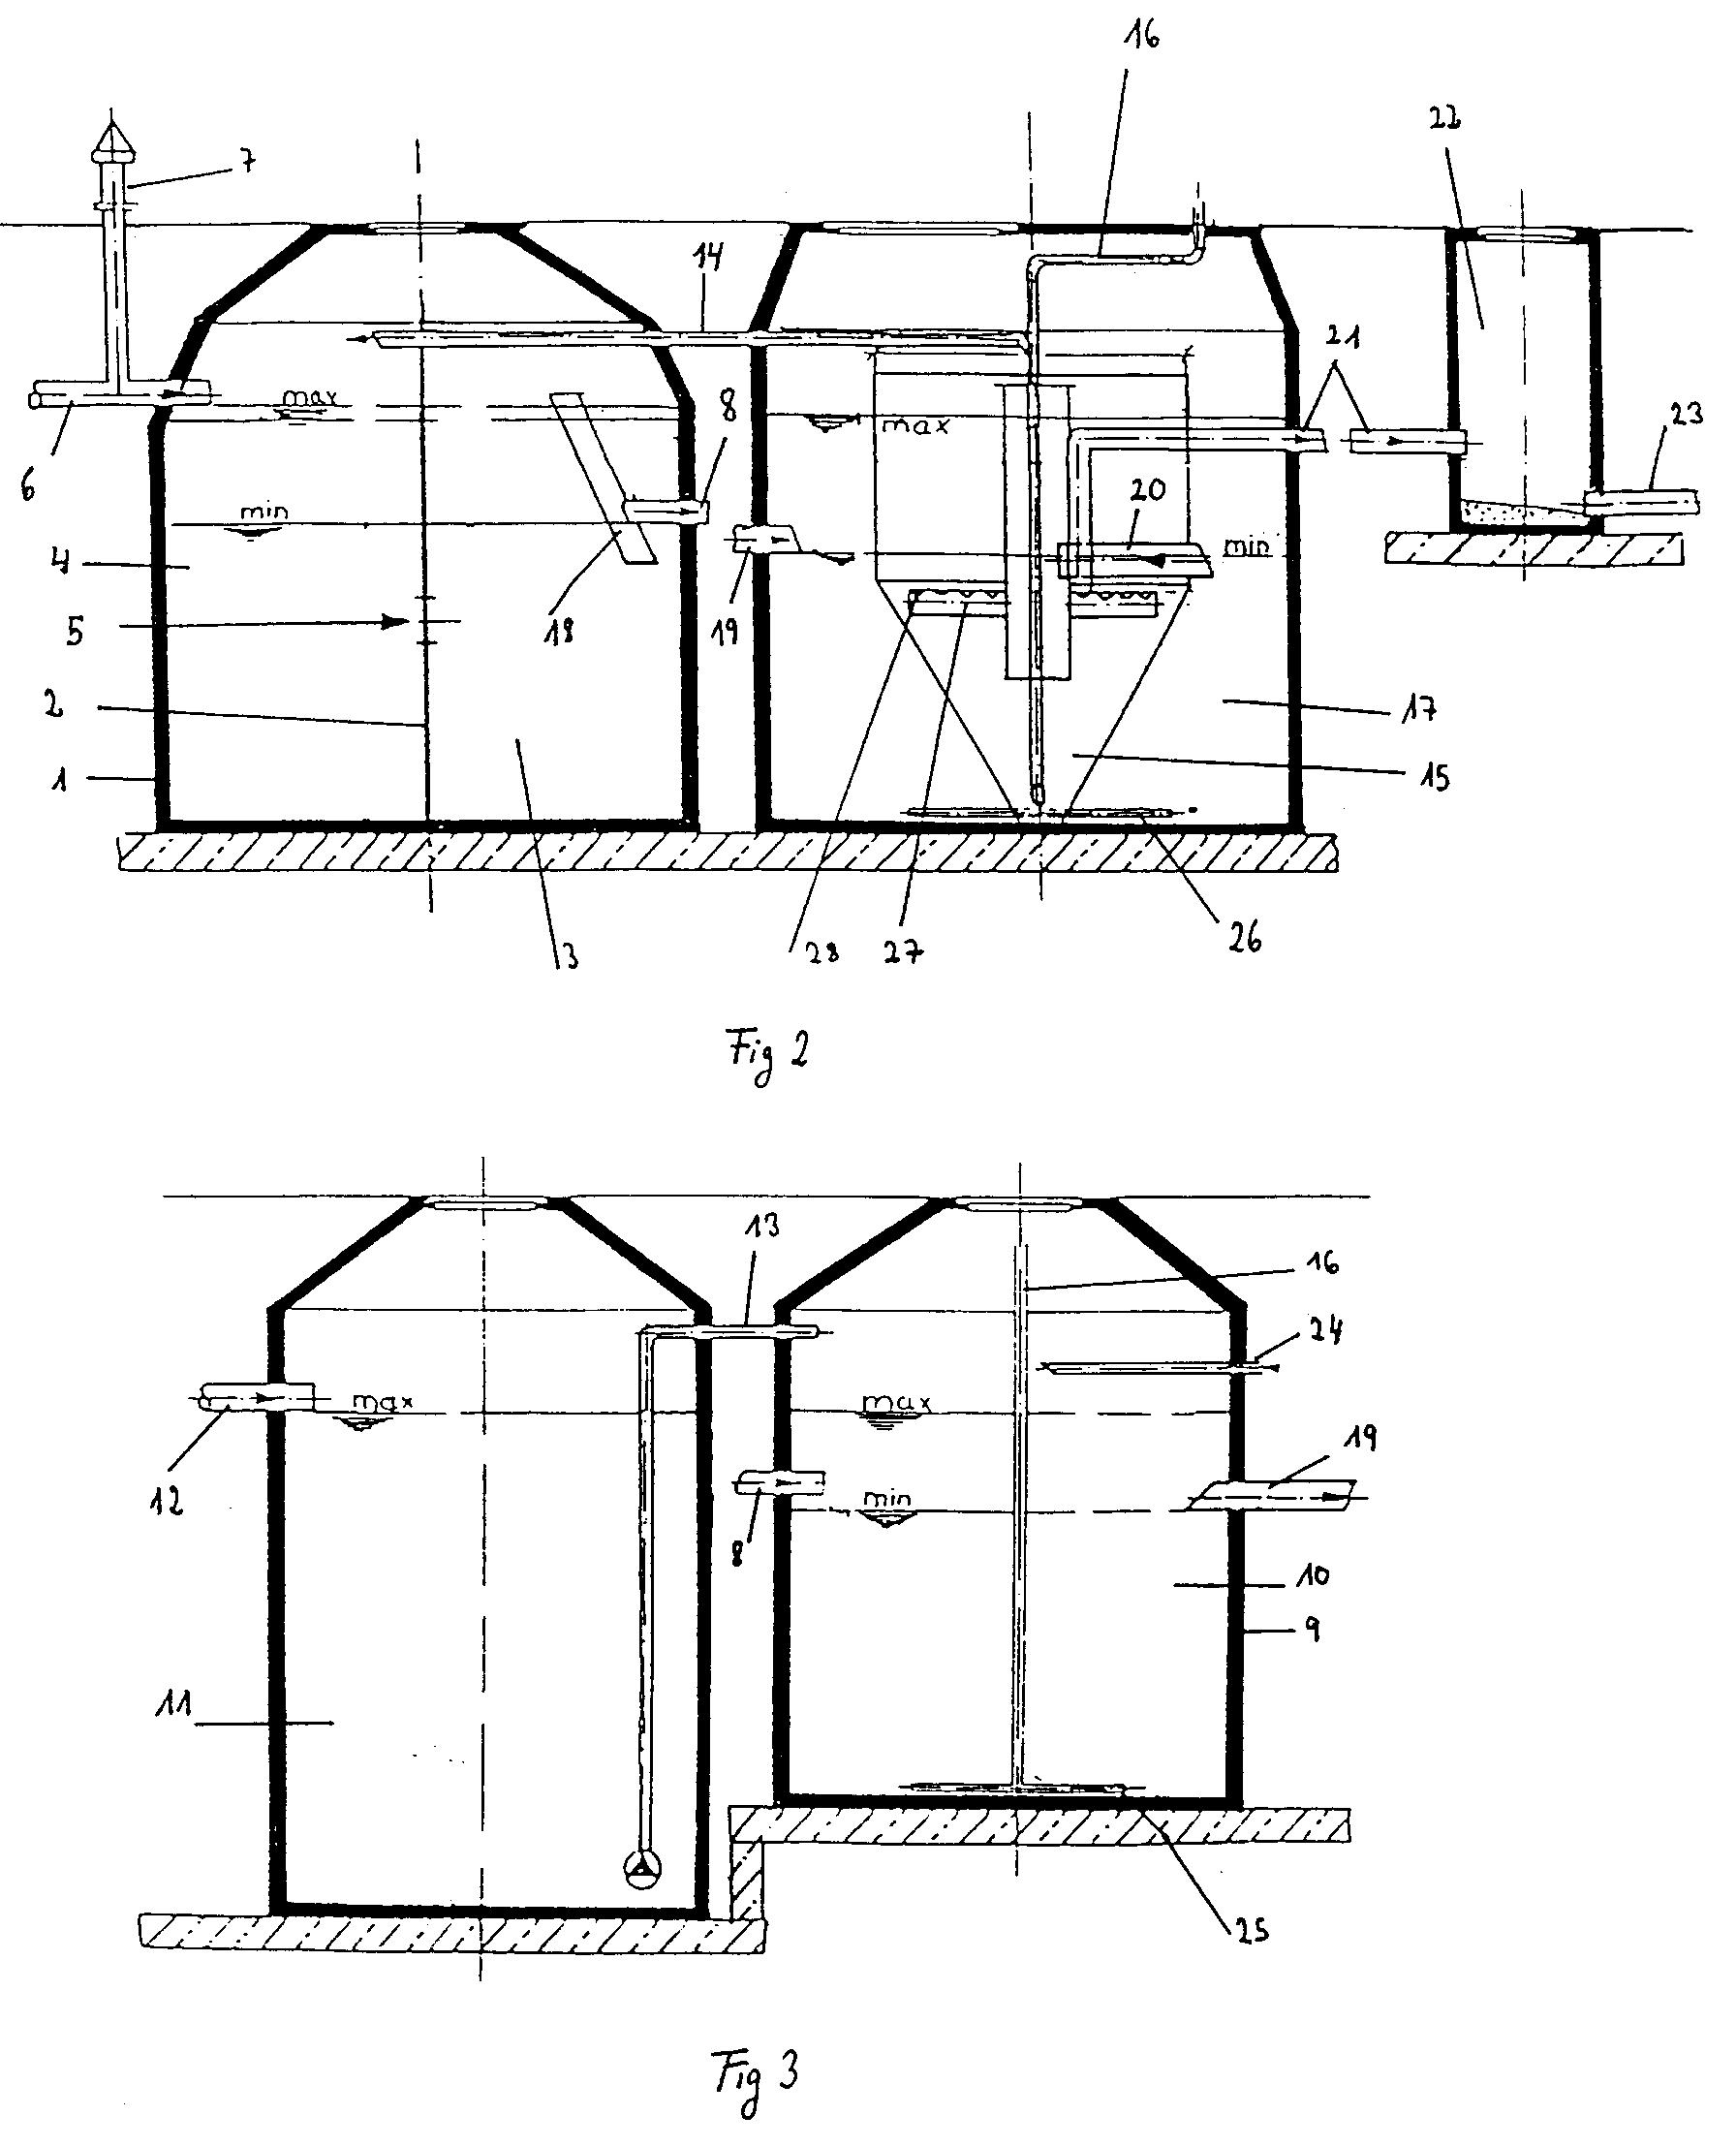 patent ep0688304b1 verfahren zur biologischen abwasserreinigung mit integrierter pufferung. Black Bedroom Furniture Sets. Home Design Ideas